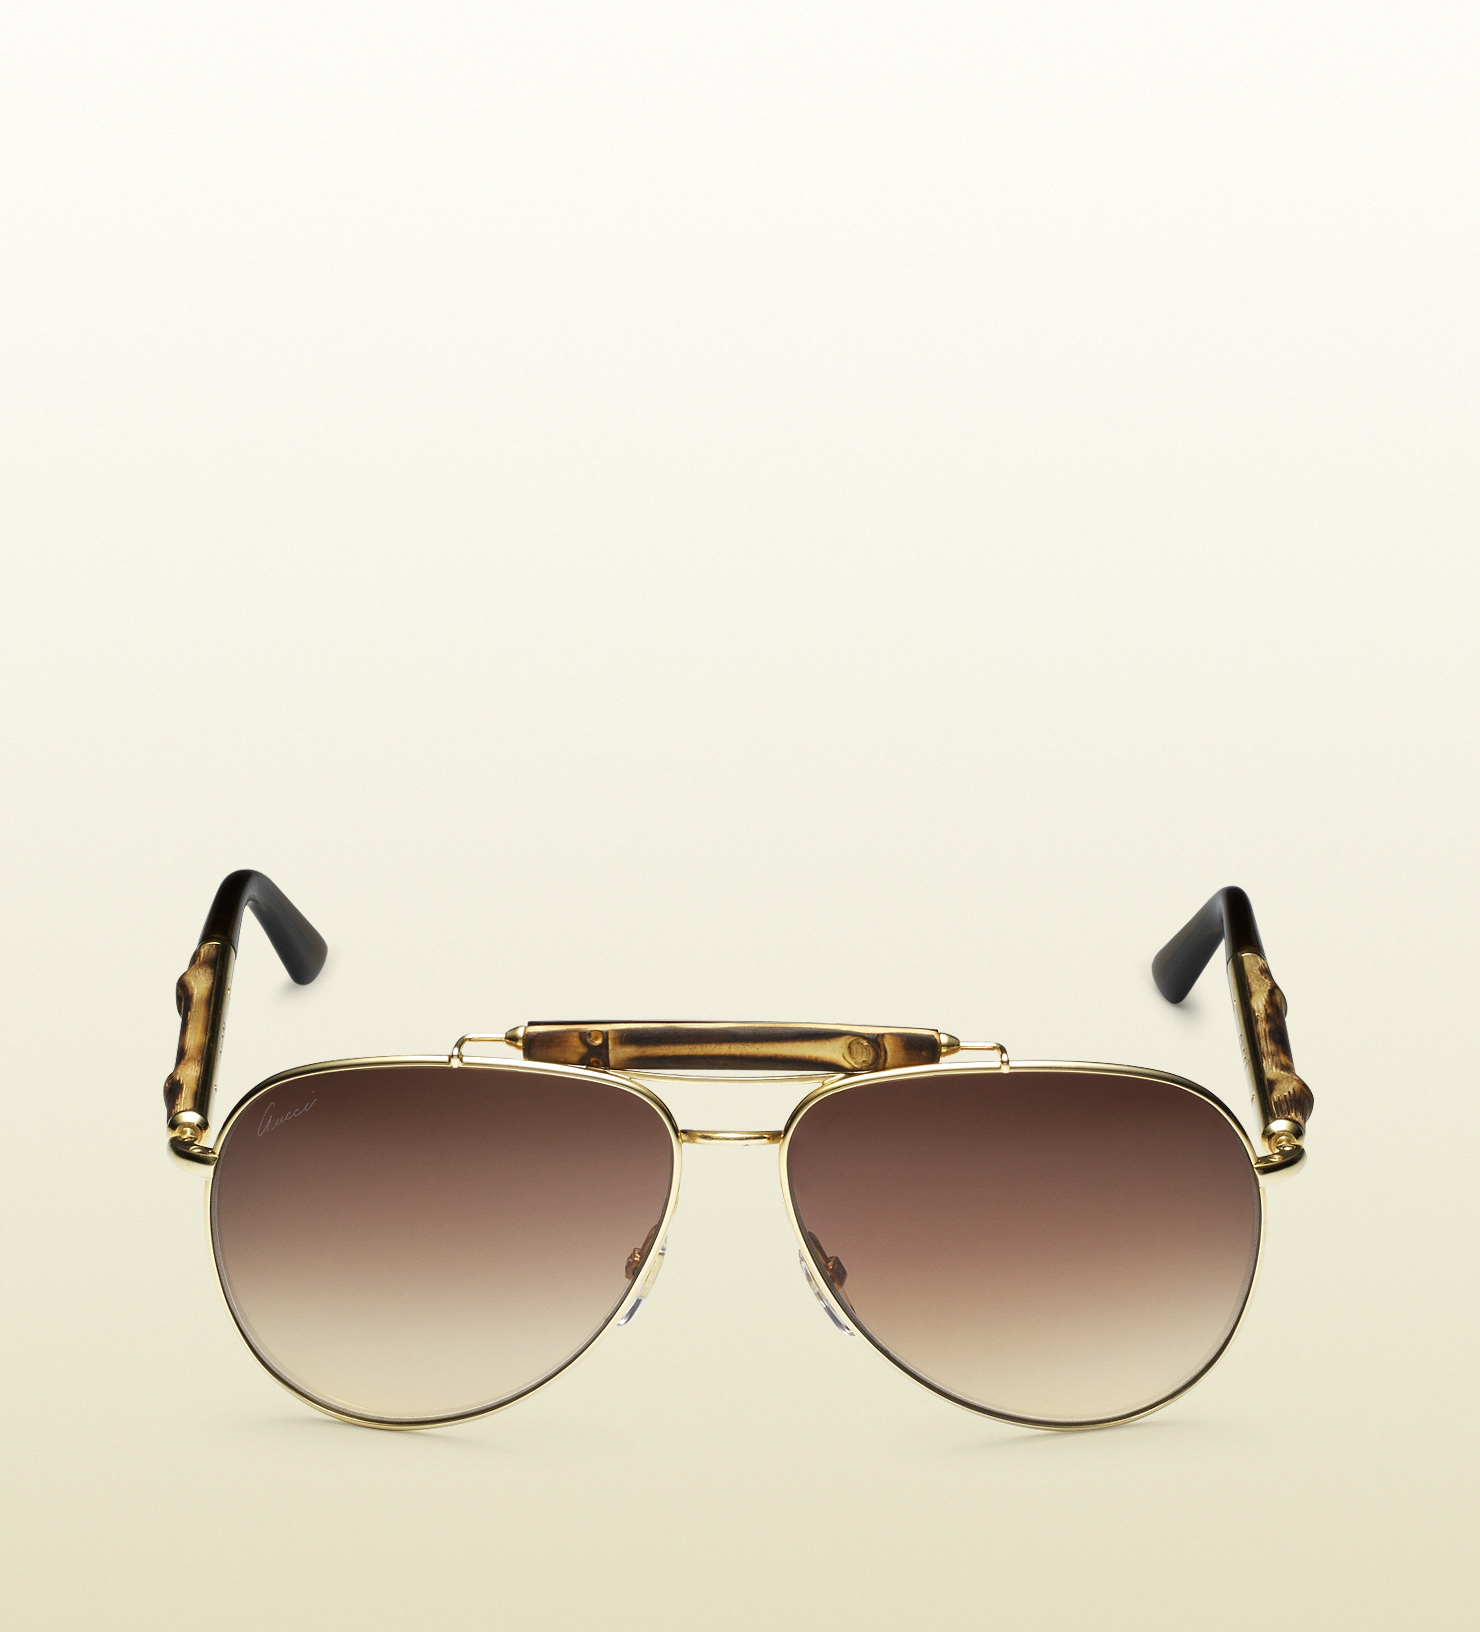 ad508870e13 Gucci Sunglasses Mens Womens Aviator Bamboo eBay - oukas.info